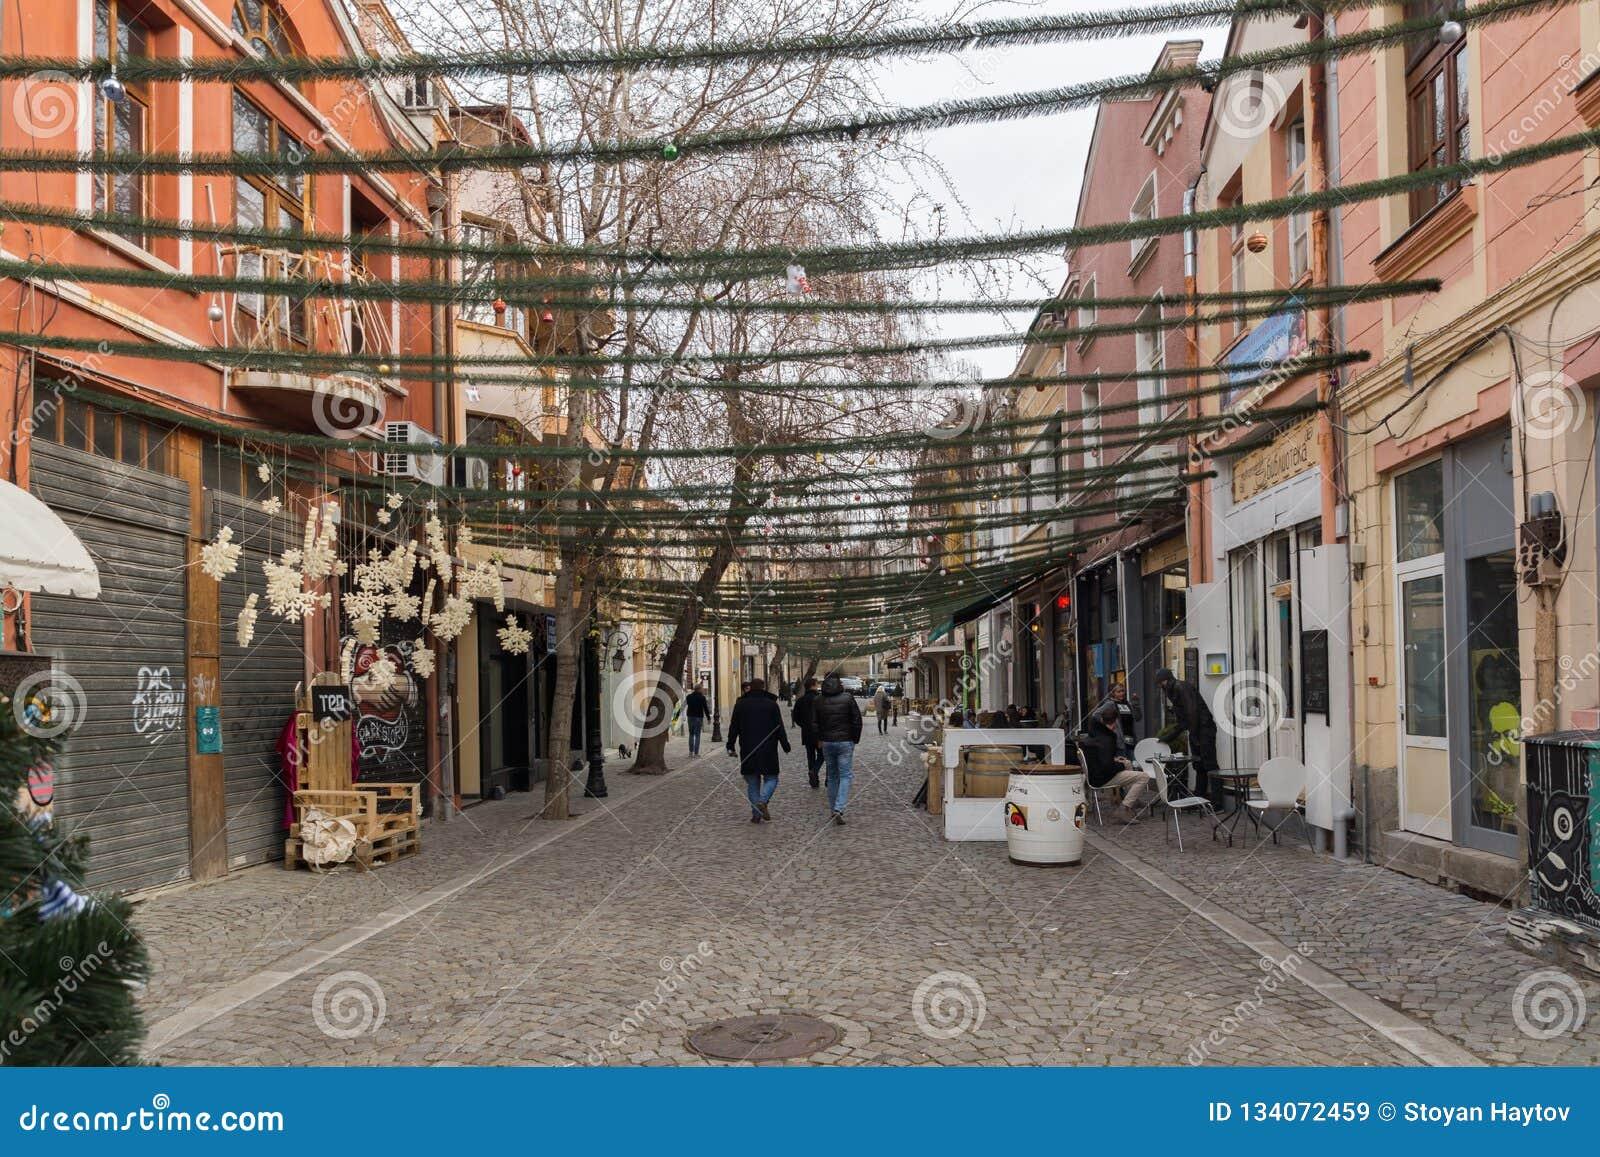 Personnes et rue de marche dans le secteur Kapana, ville de Plovdiv, Bulgarie